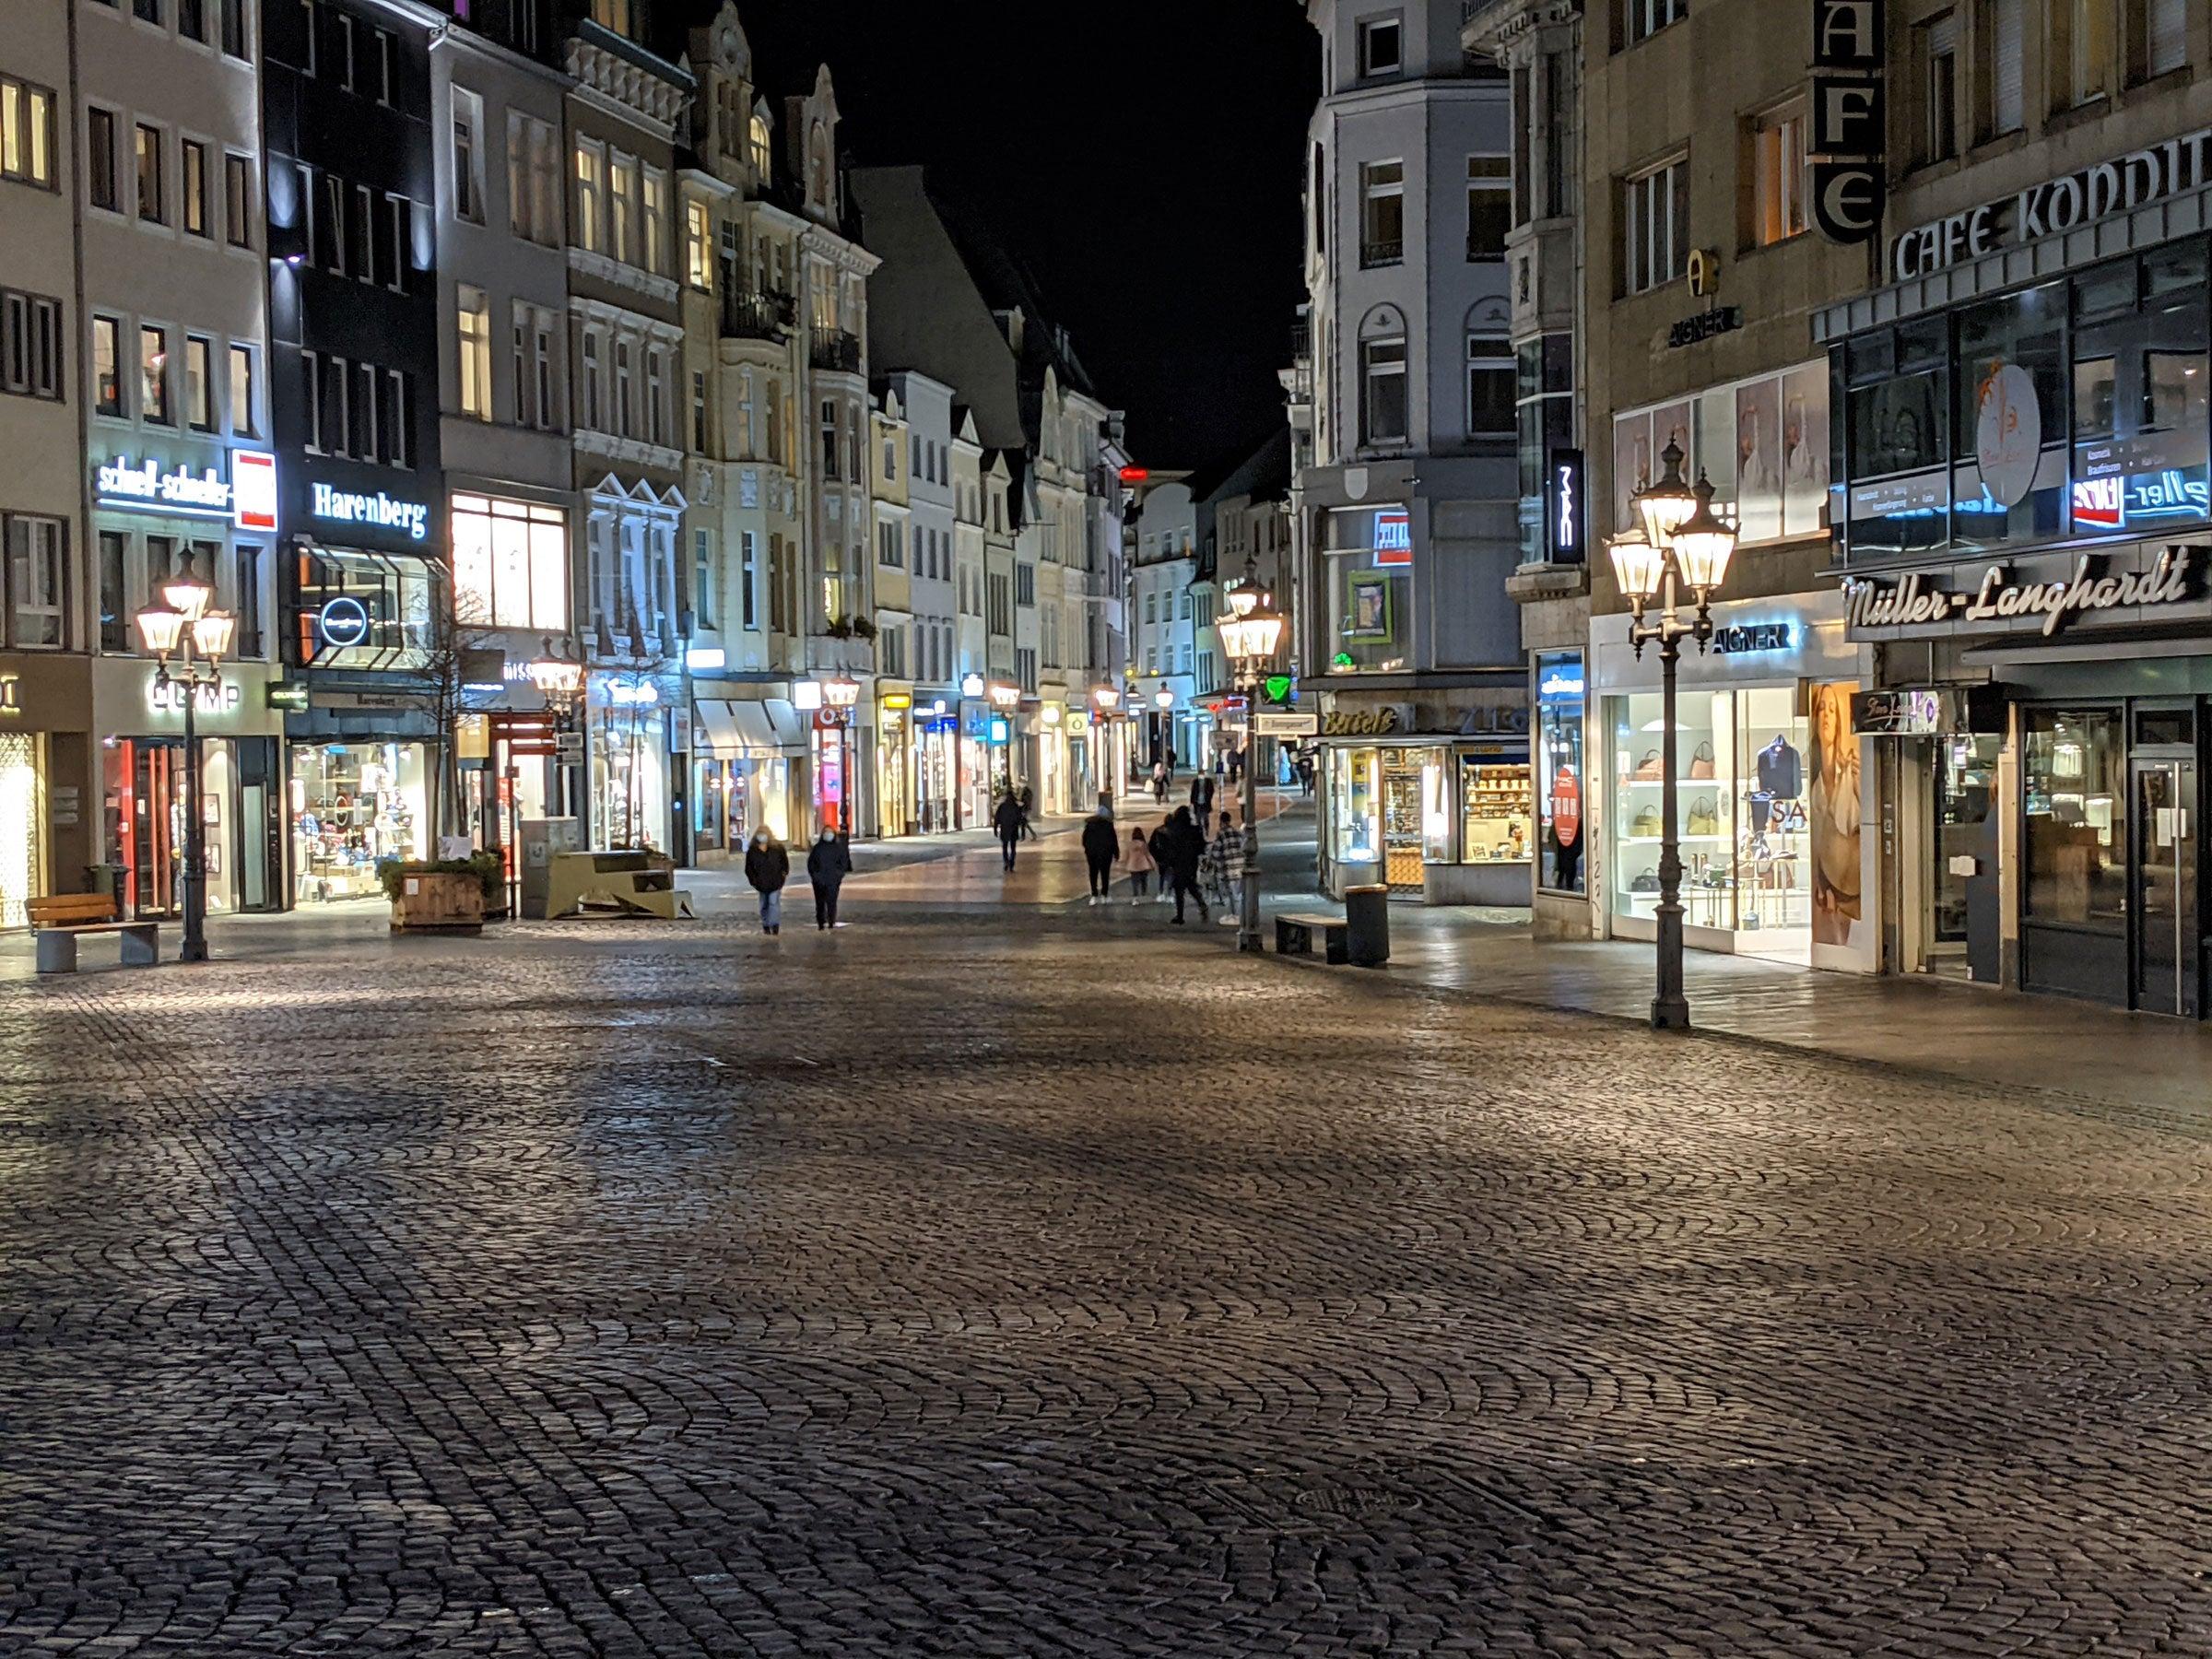 Bild der Bonner Innenstadt -fotografiert mit dem Nachtmodus des Google Pixel 5